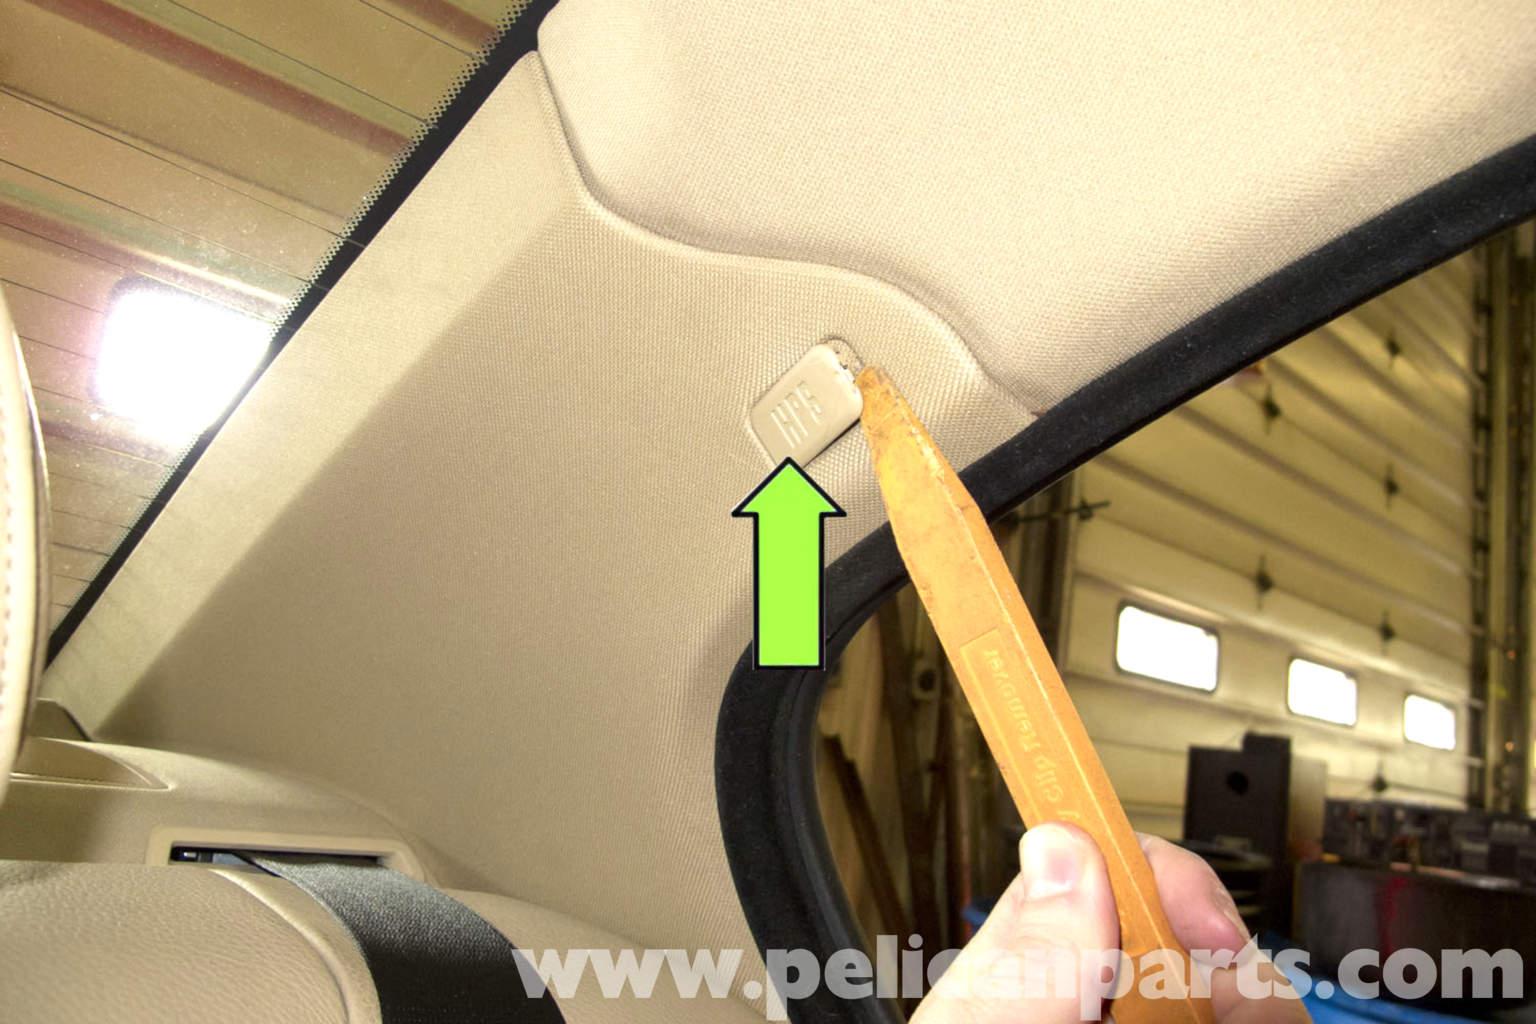 Bmw E90 Interior Pillar Panel Replacement E91 E92 E93 Pelican Parts Diy Maintenance Article